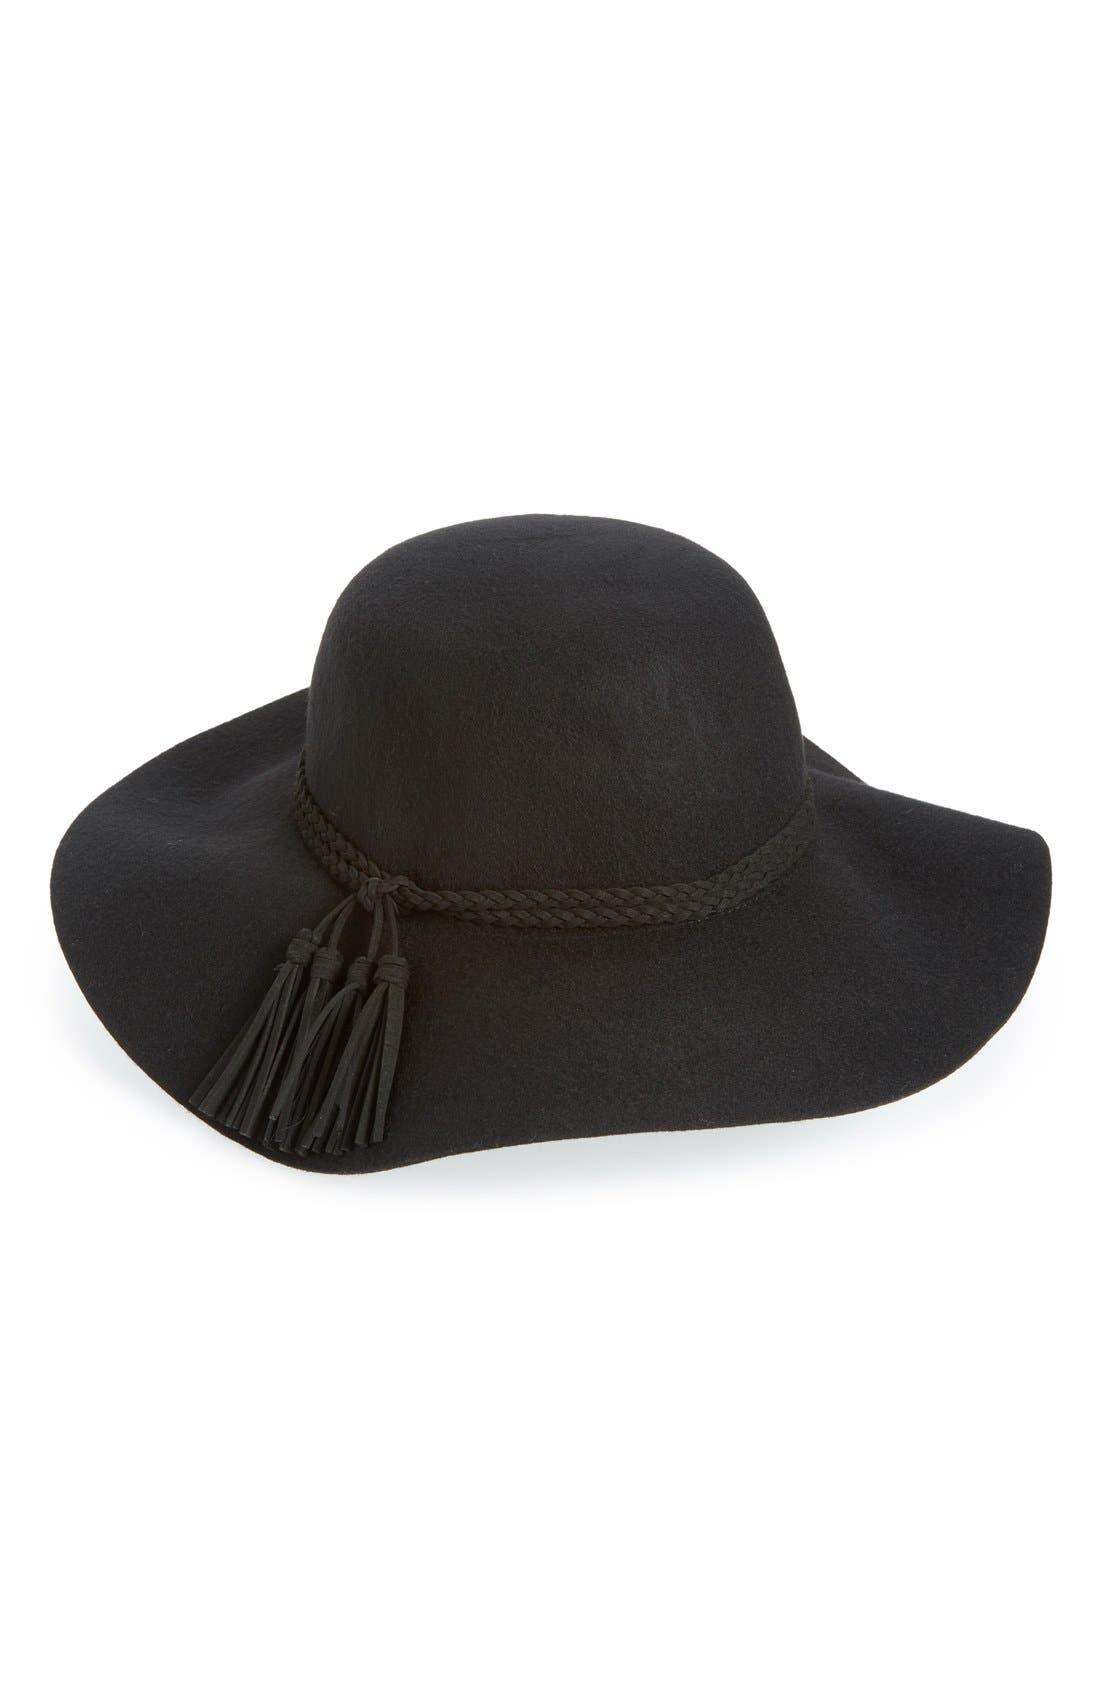 Main Image - Phase 3 Tassel Band Floppy Hat